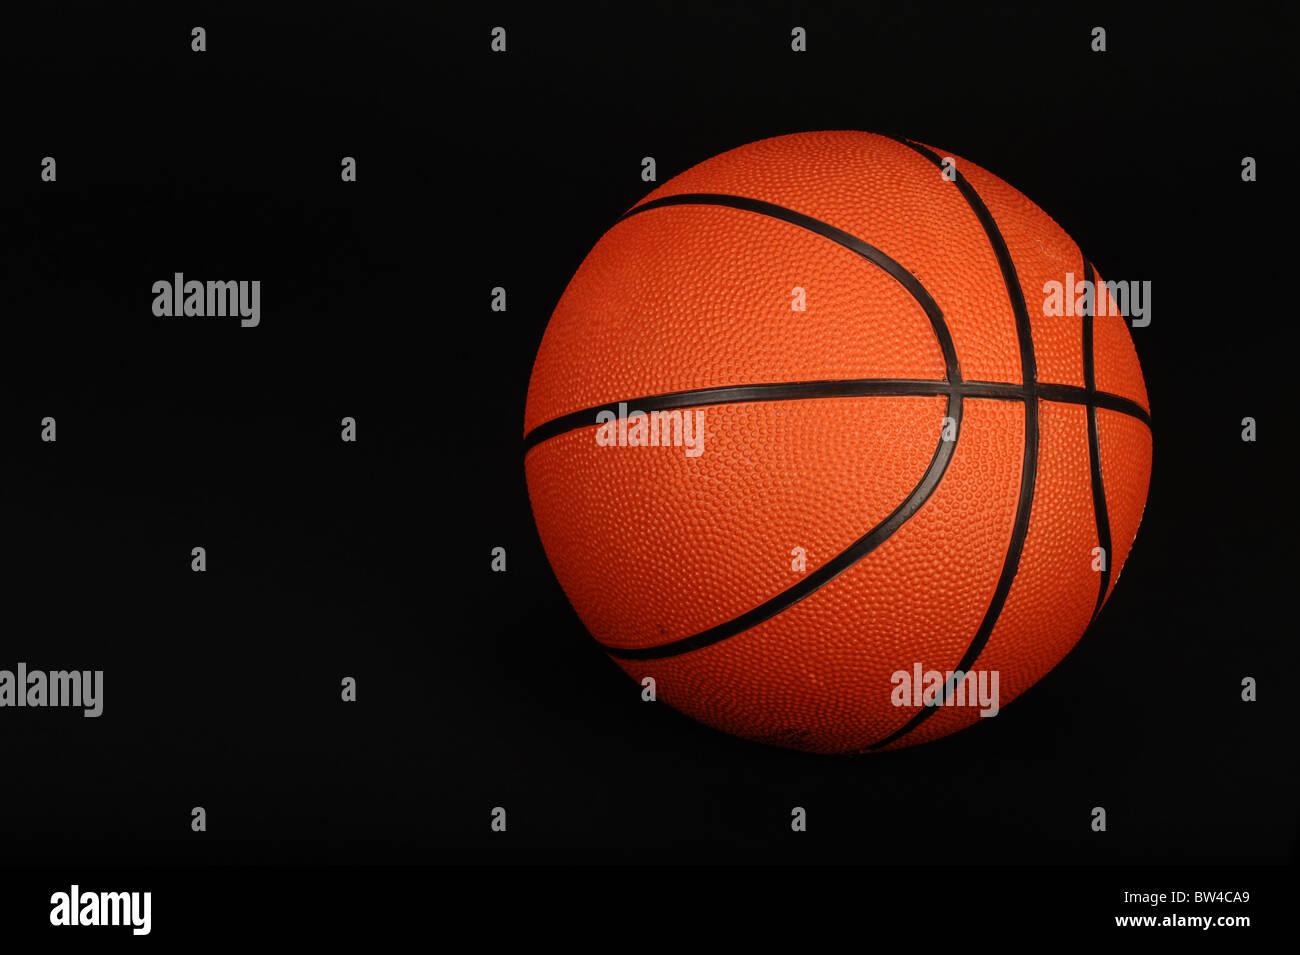 La pallacanestro su sfondo nero pronto per il tipo. Immagini Stock